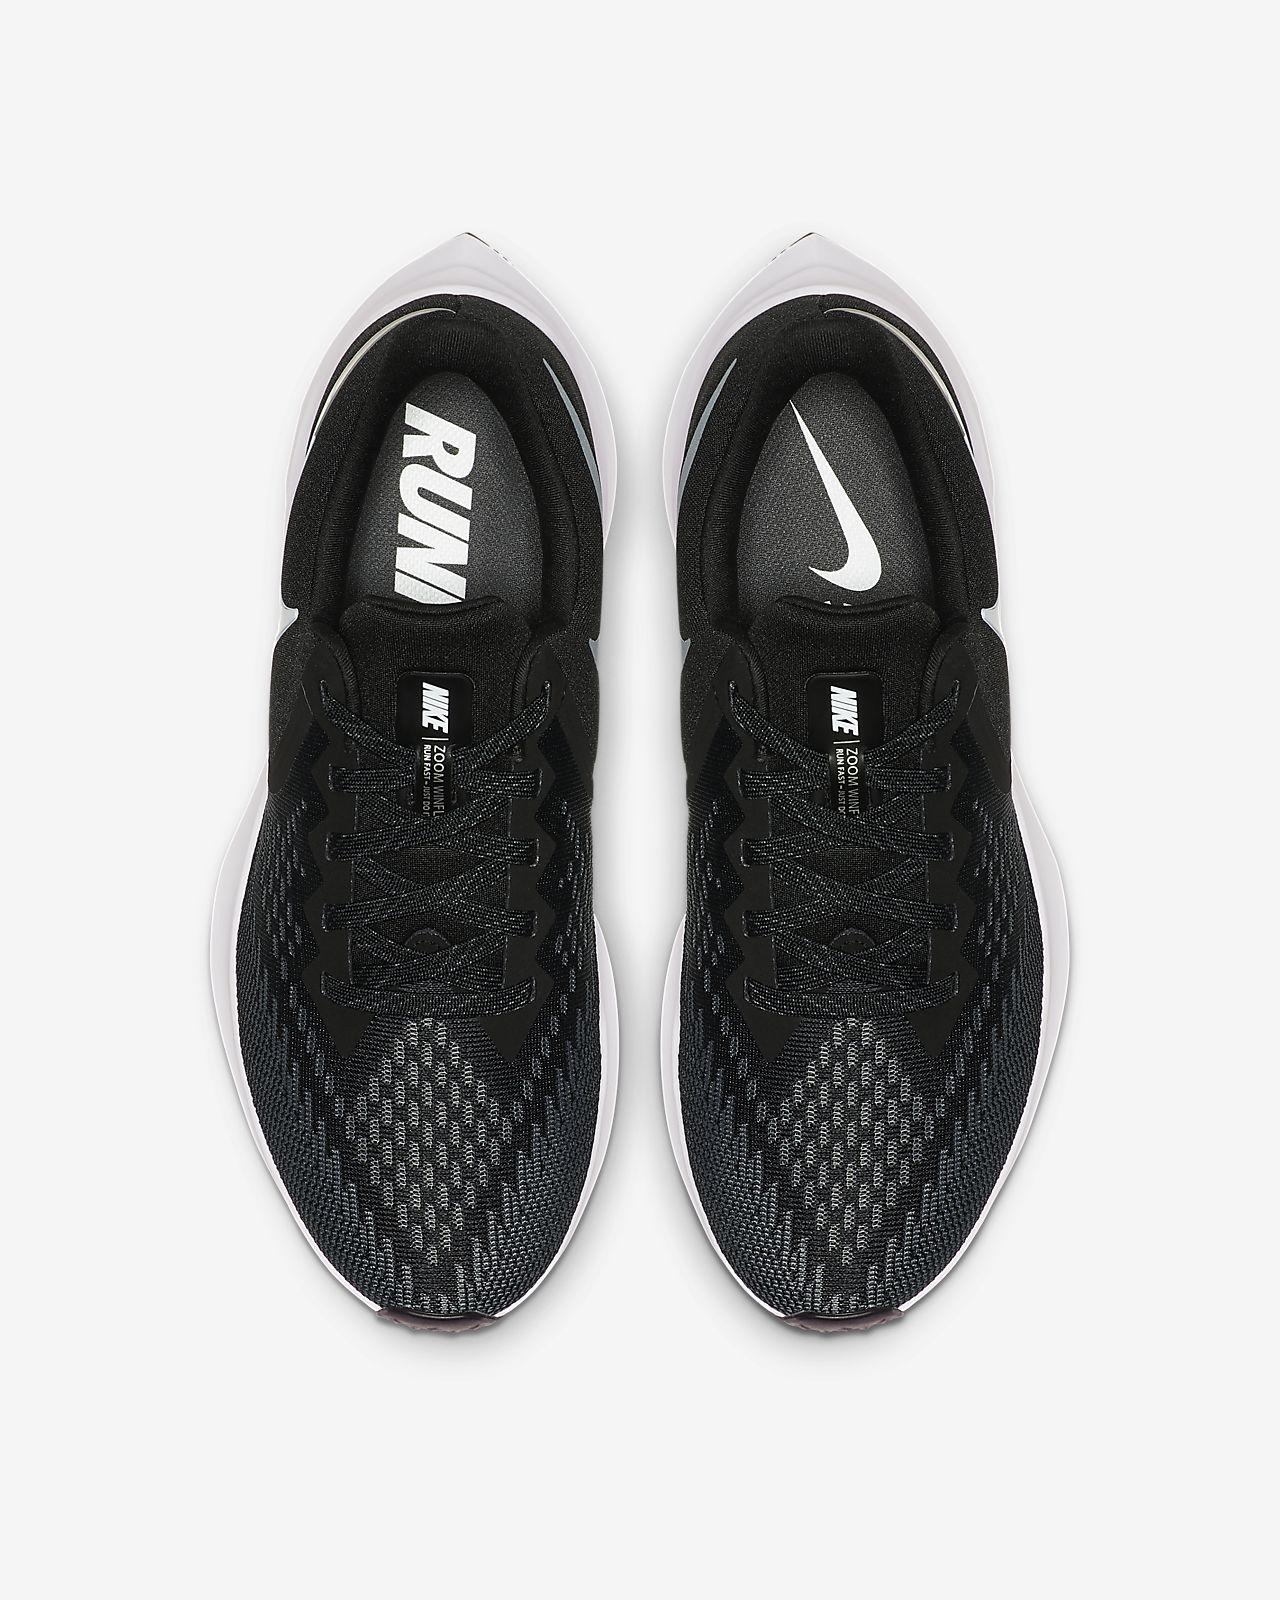 a39451884 Nike Air Zoom Winflo 6 Women's Running Shoe. Nike.com IN